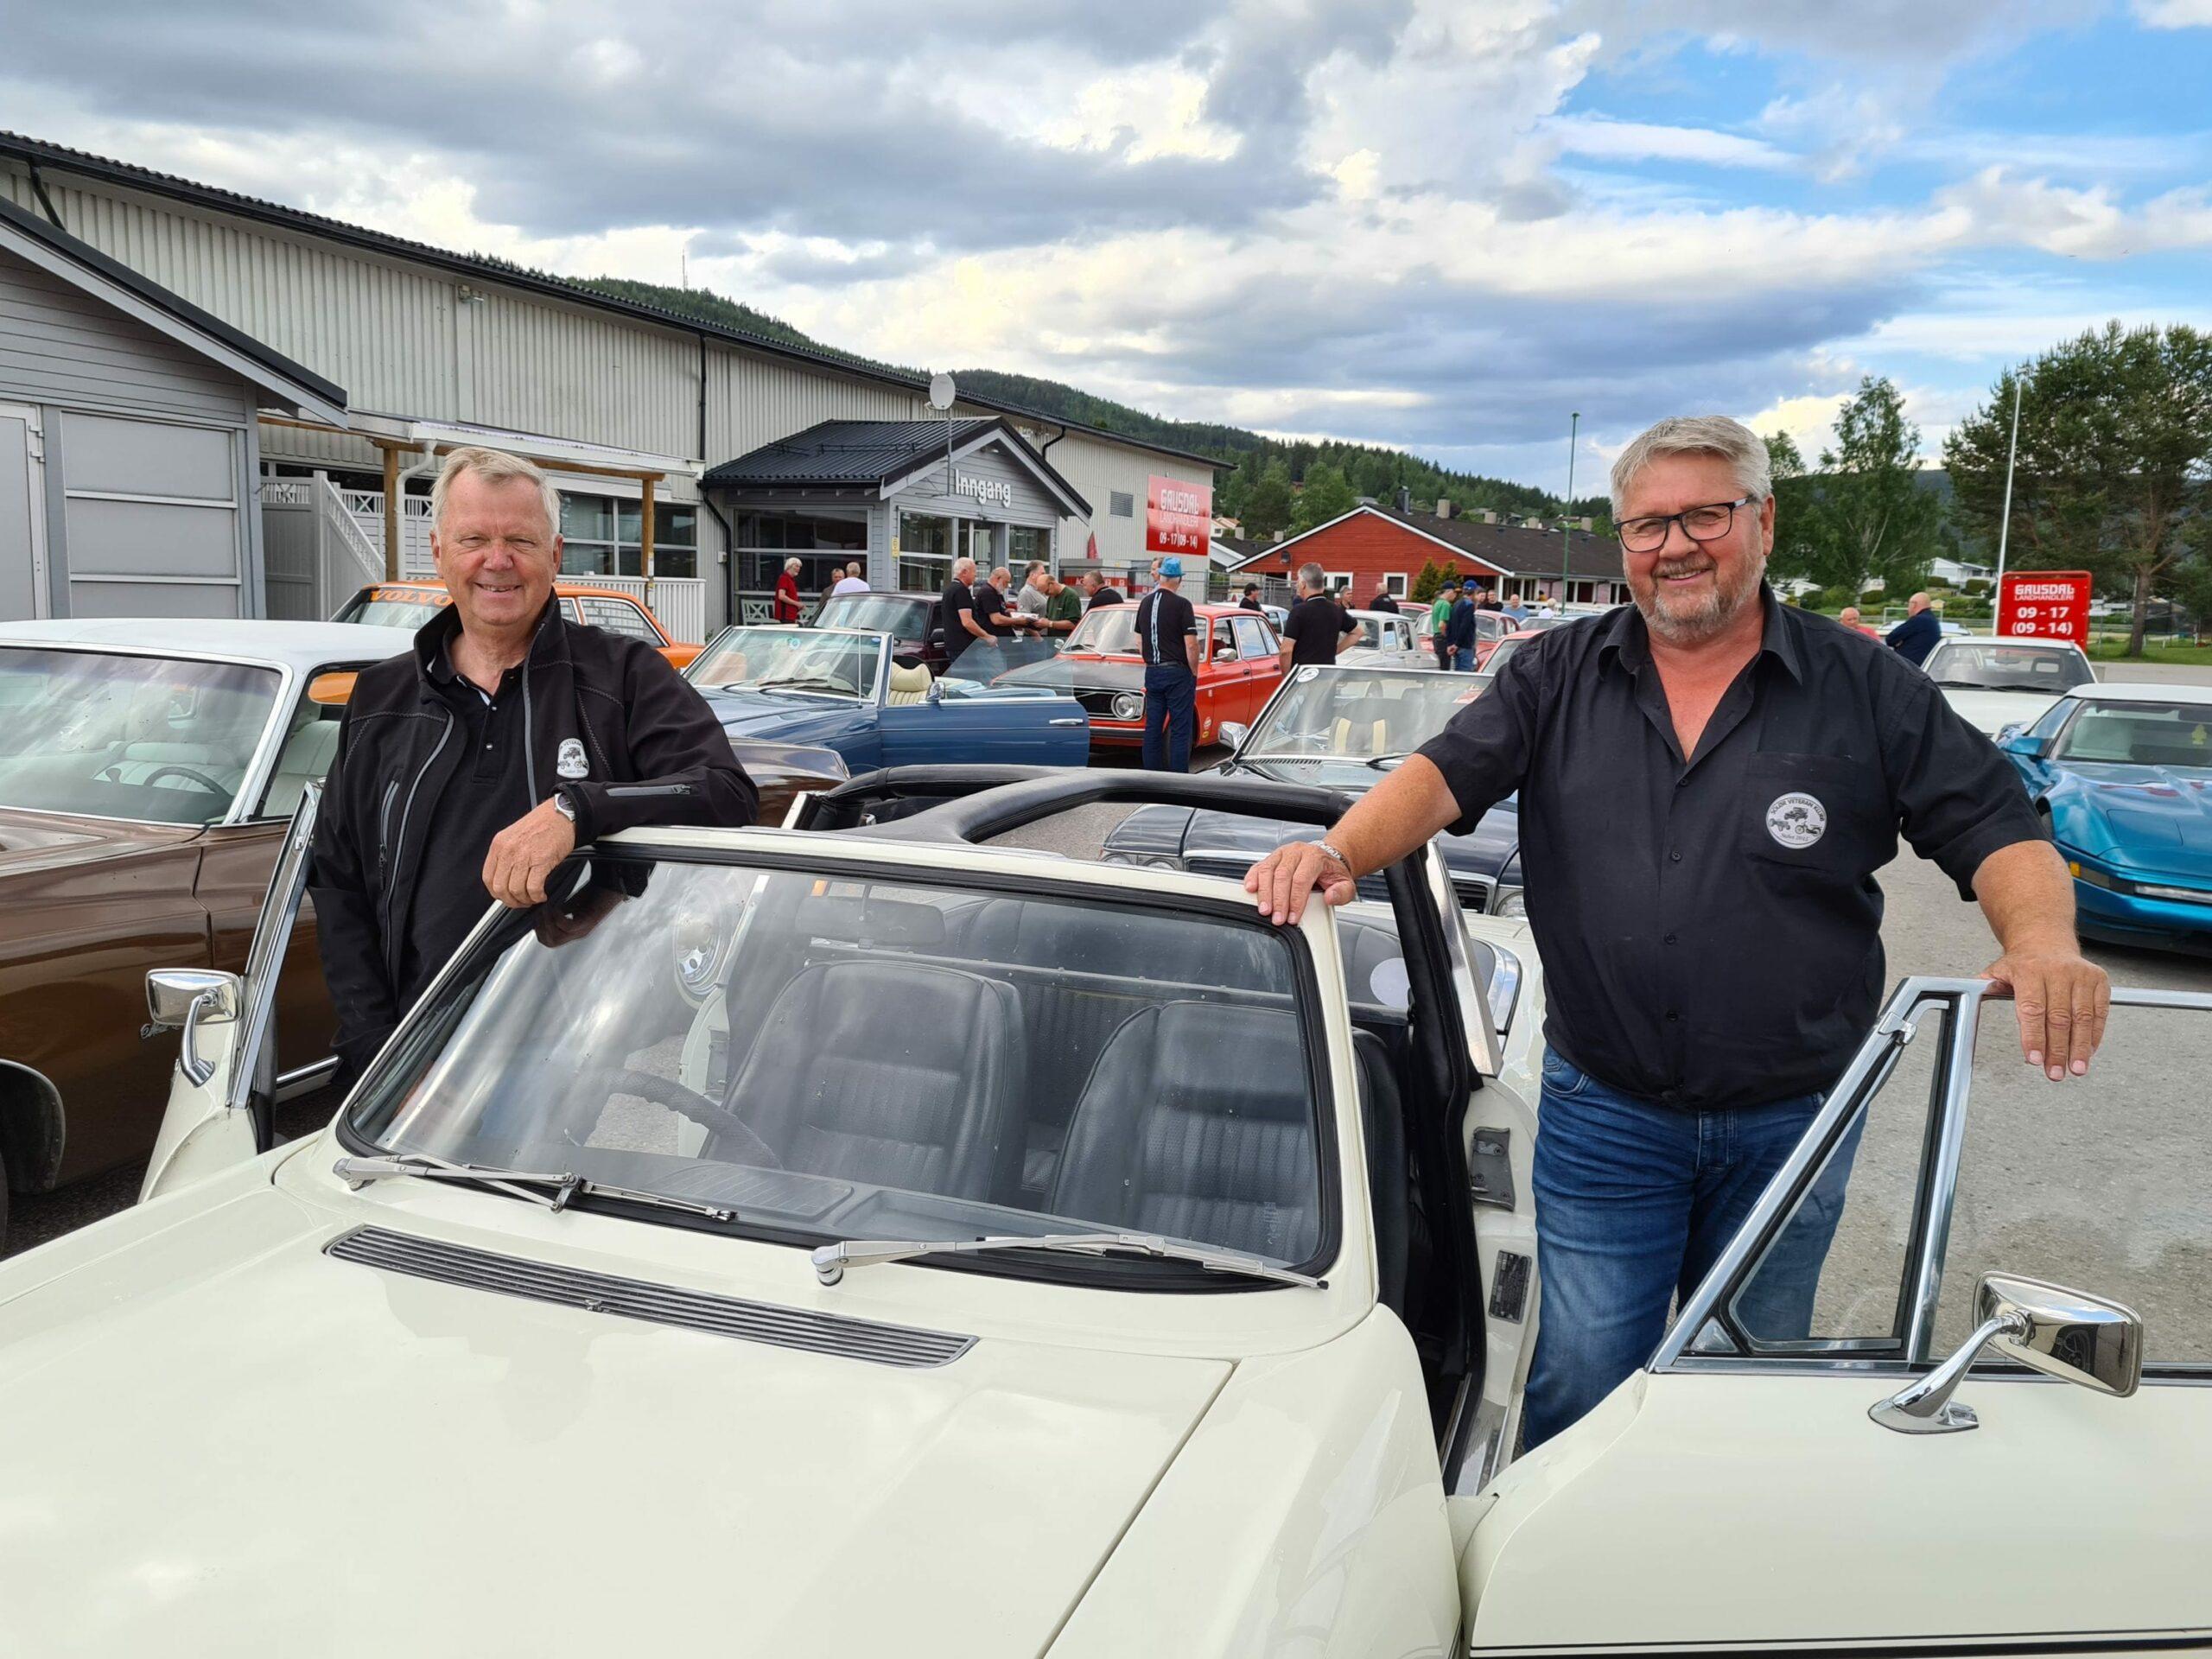 MANGE NYE MEDLEMMER: I 2015 ble Solør Veteran Klubb stiftet, og nå fem år senere teller klubben 142 medlemmer. Bare siden jul har over 40 nye medlemmer kommet til. Arve Kristiansen (til venstre) og Steinar Gresmo etablerte klubben for fem år siden.